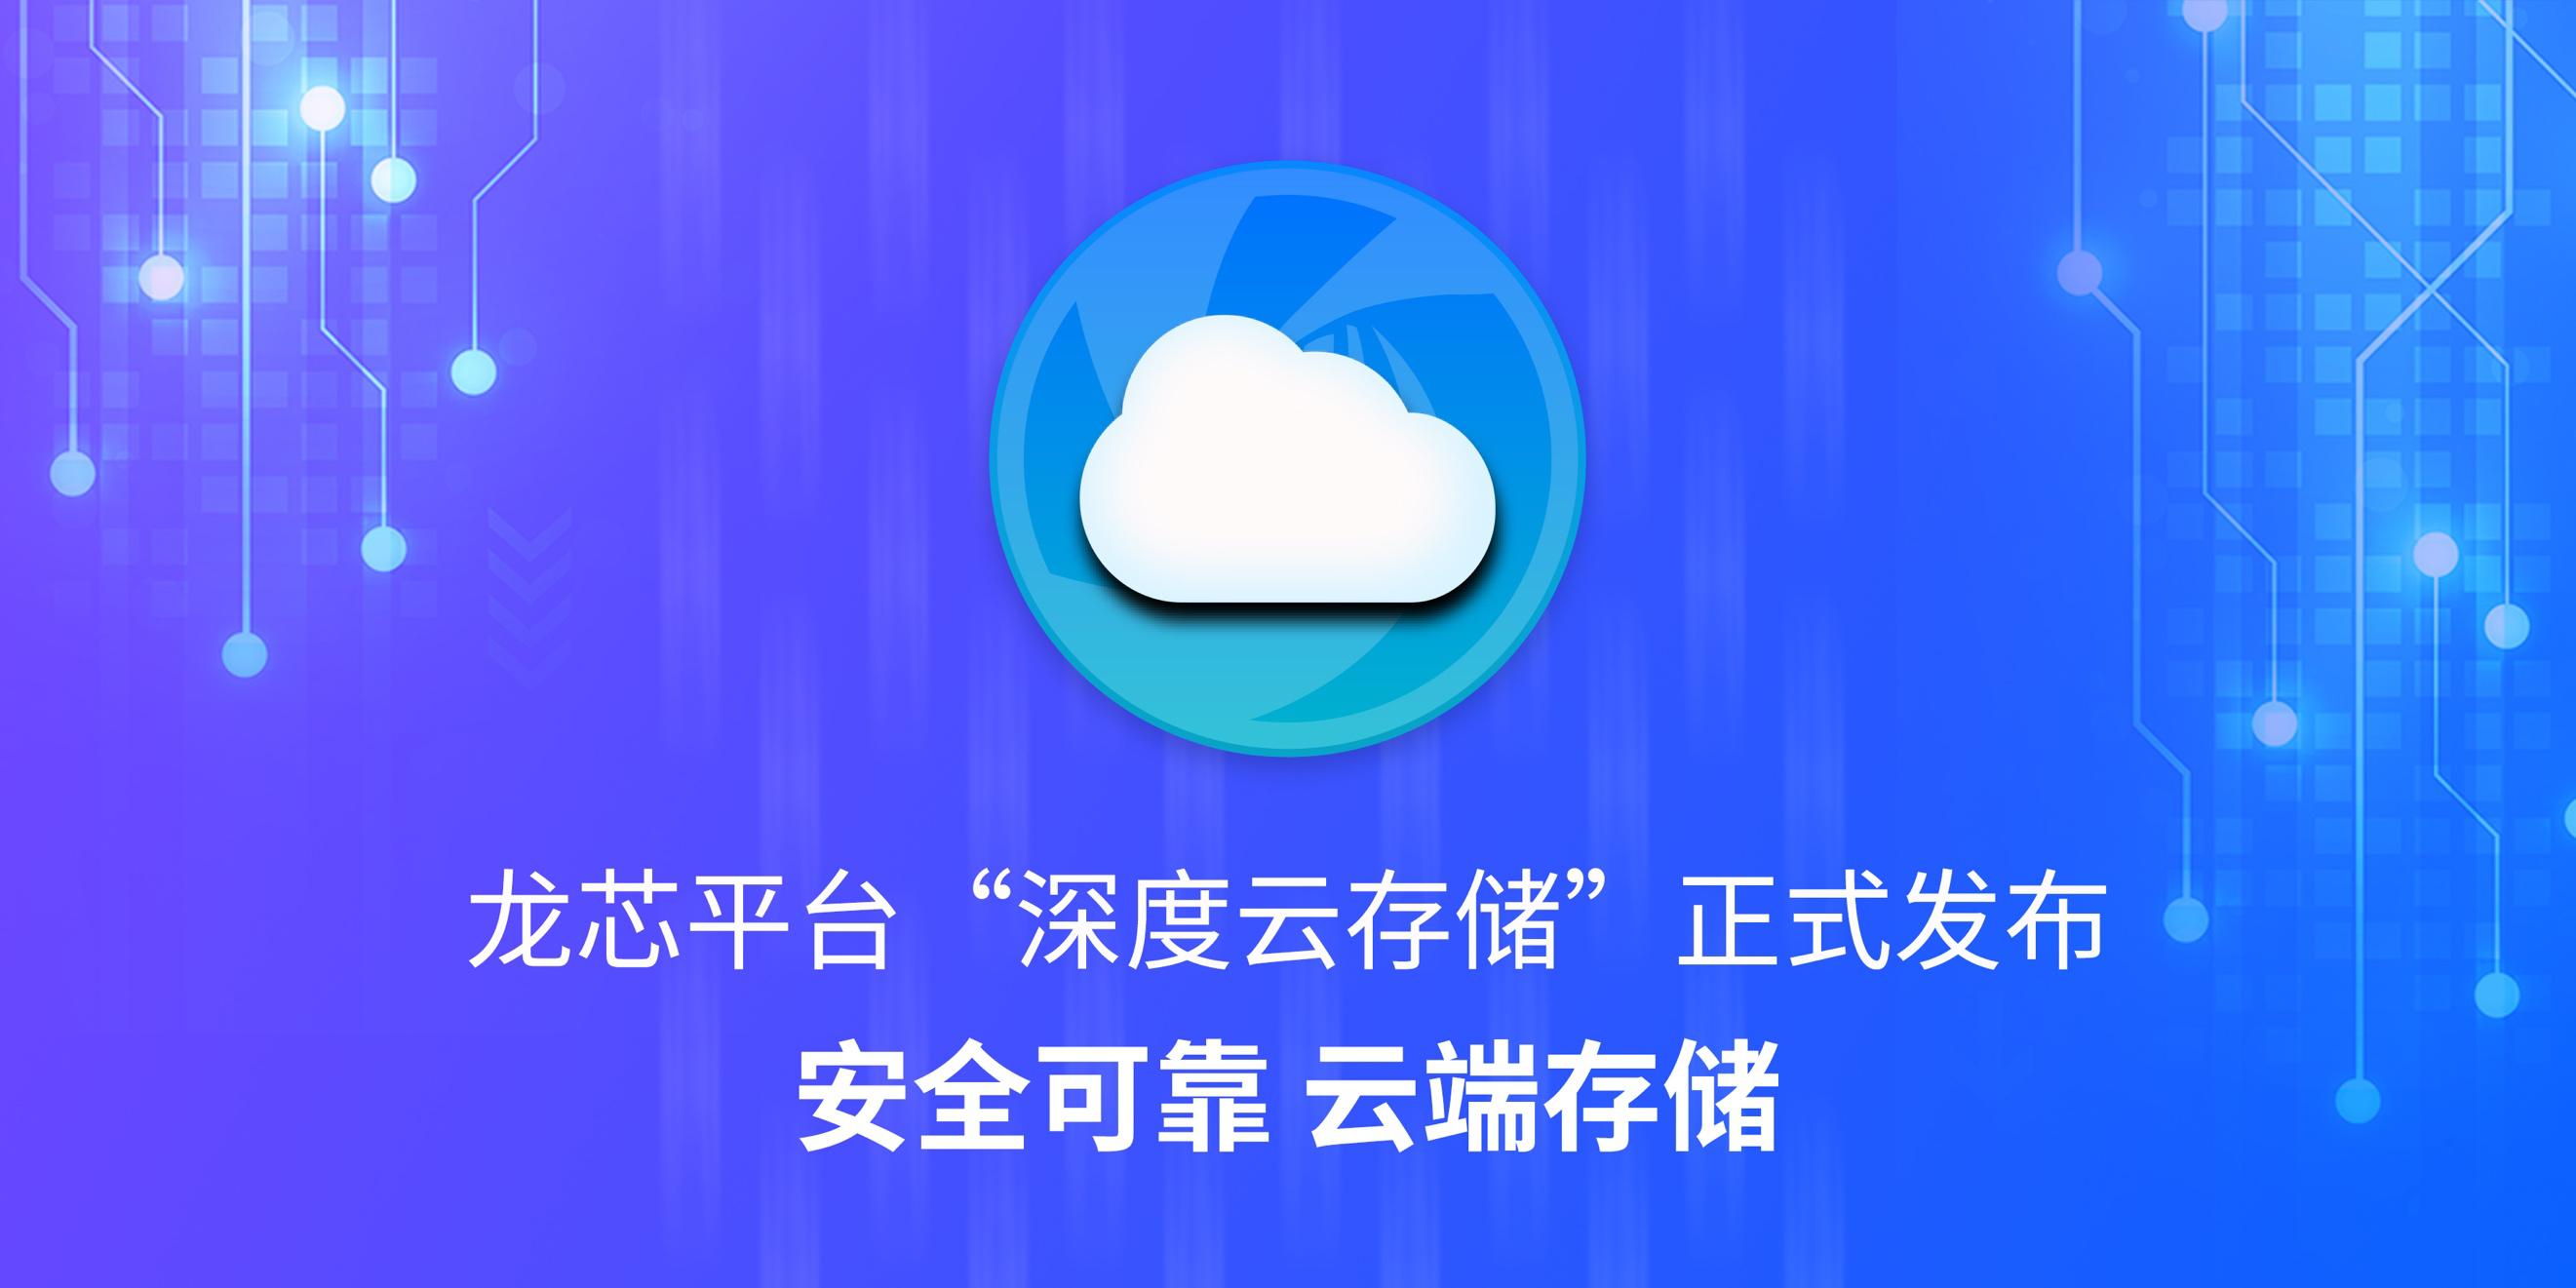 """龙芯平台""""深度云存储""""正式发布——安全可靠 云端存储"""